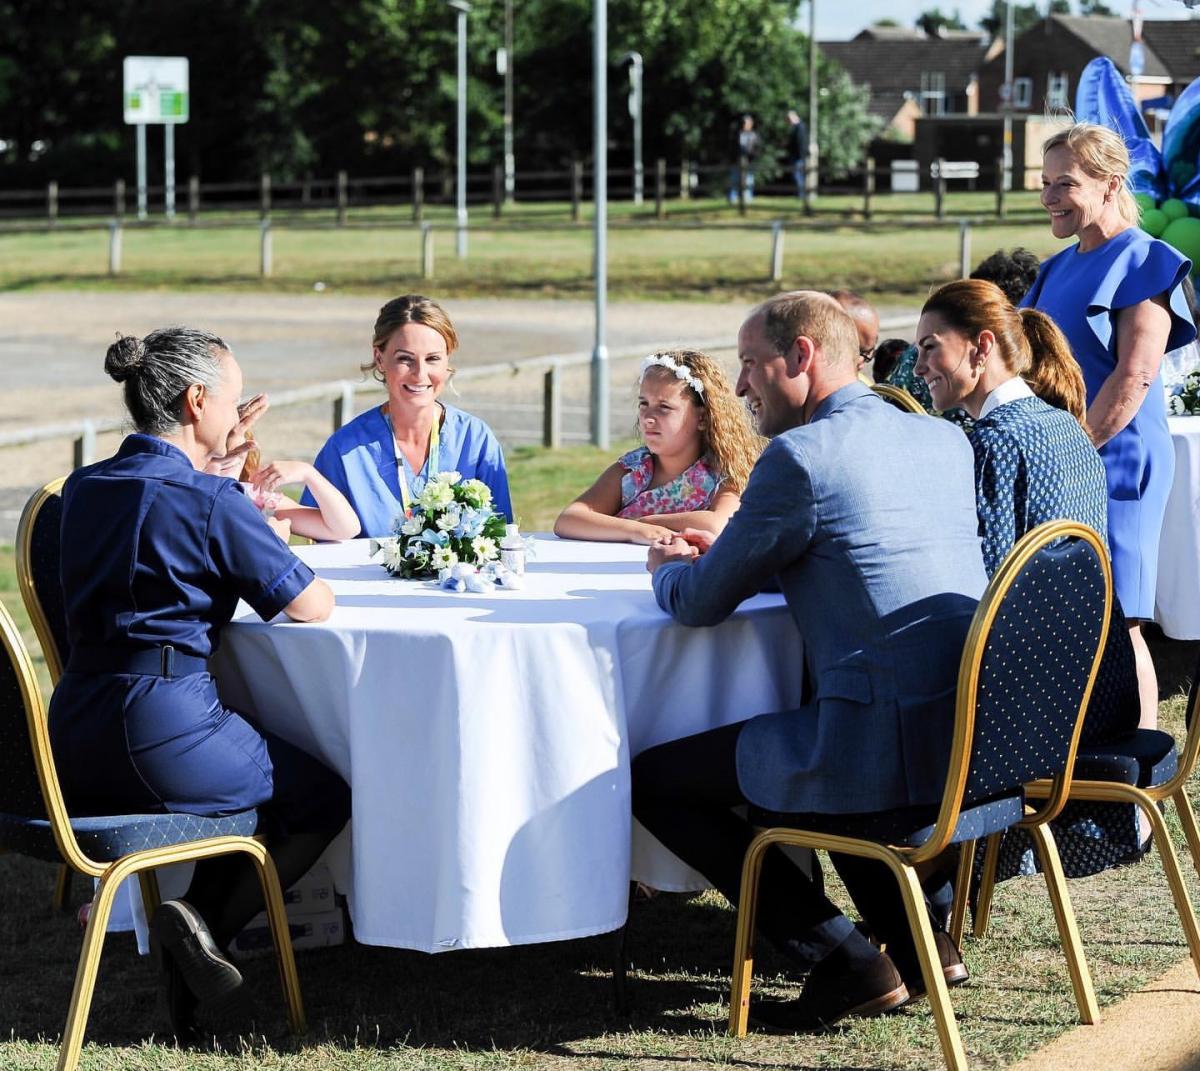 病院スタッフ、家族との会話を楽しむウィリアム王子夫妻。